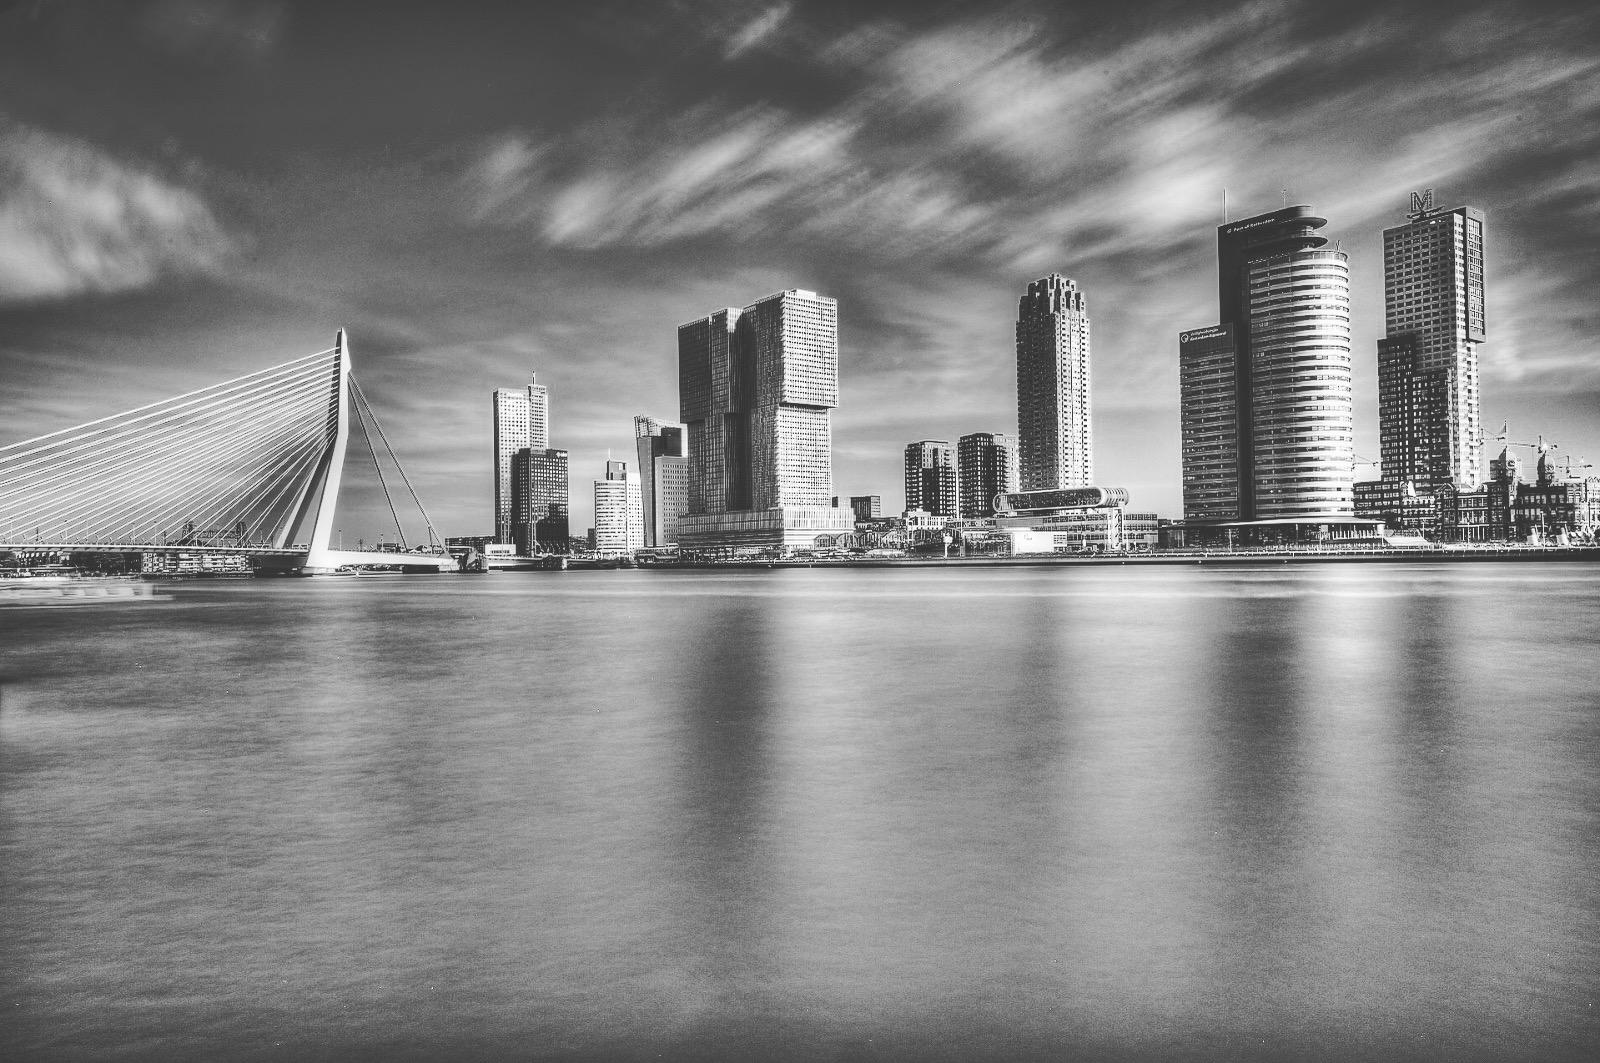 Rotterdam Architekturaufnahme